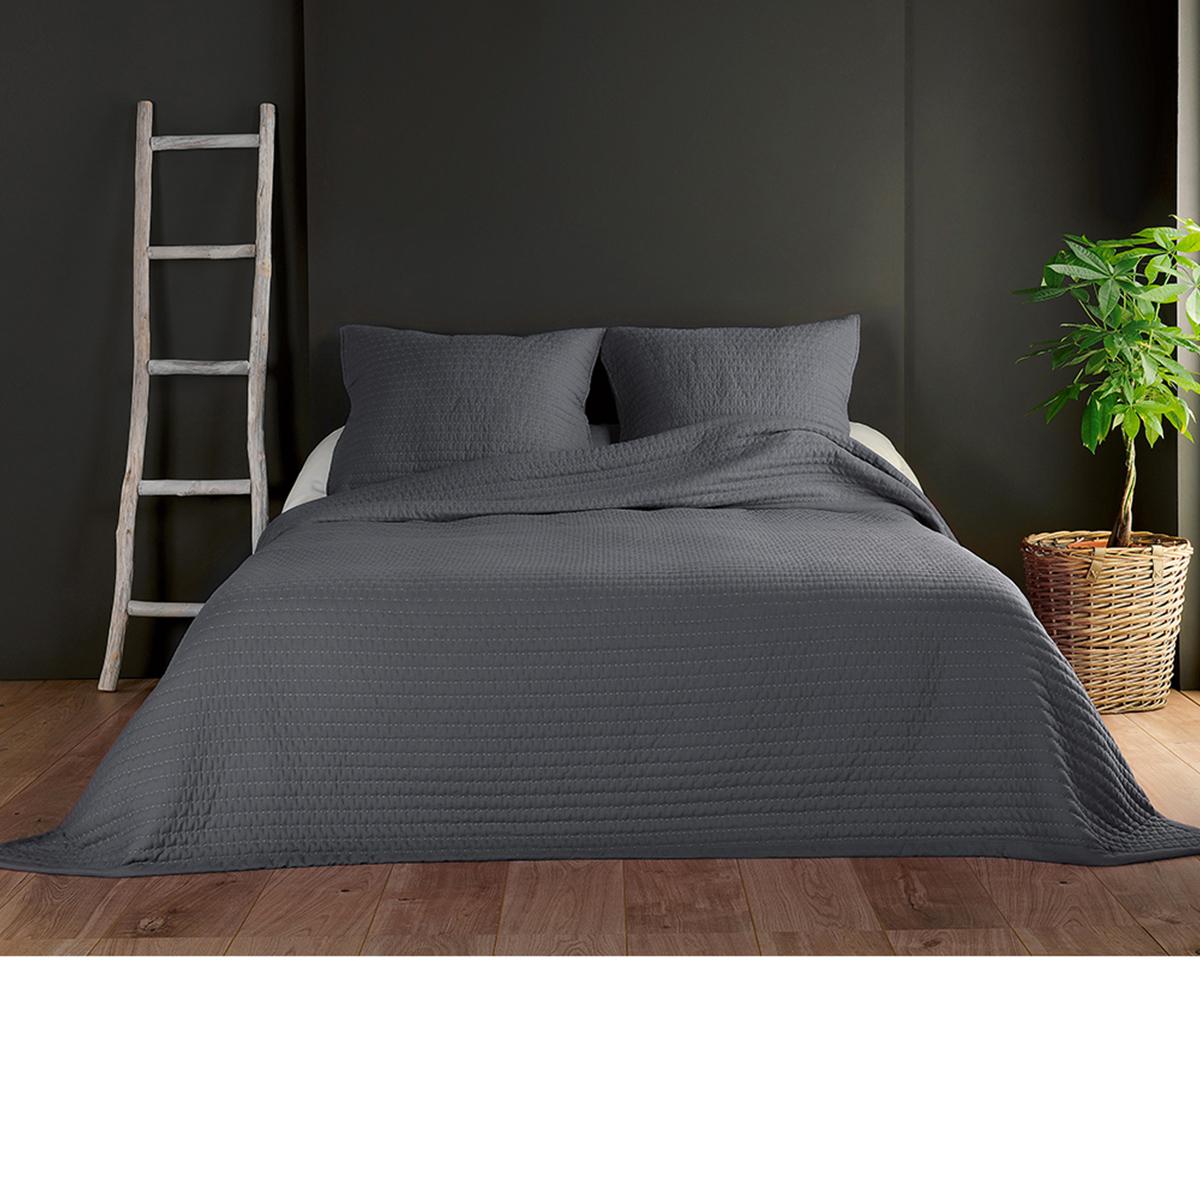 Couvre lit et taies unis matelassés - Gris Foncé - 180 x 240 cm